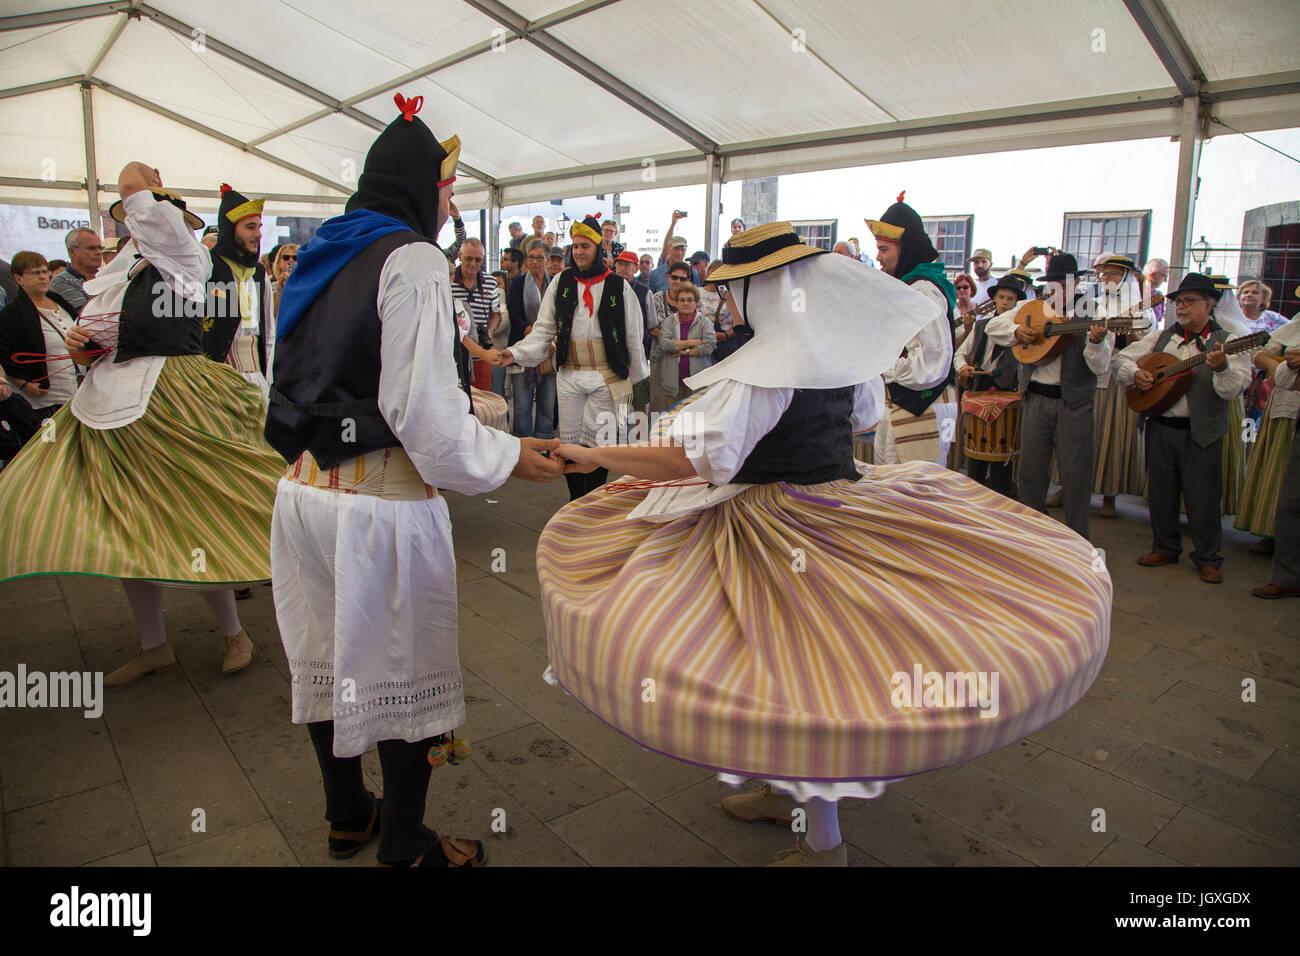 Tanzvorfuehrung, kanarische Maenner und Frauen in traditioneller Kleidung auf dem woechentlichen Sonntagsmarkt in - Stock Image